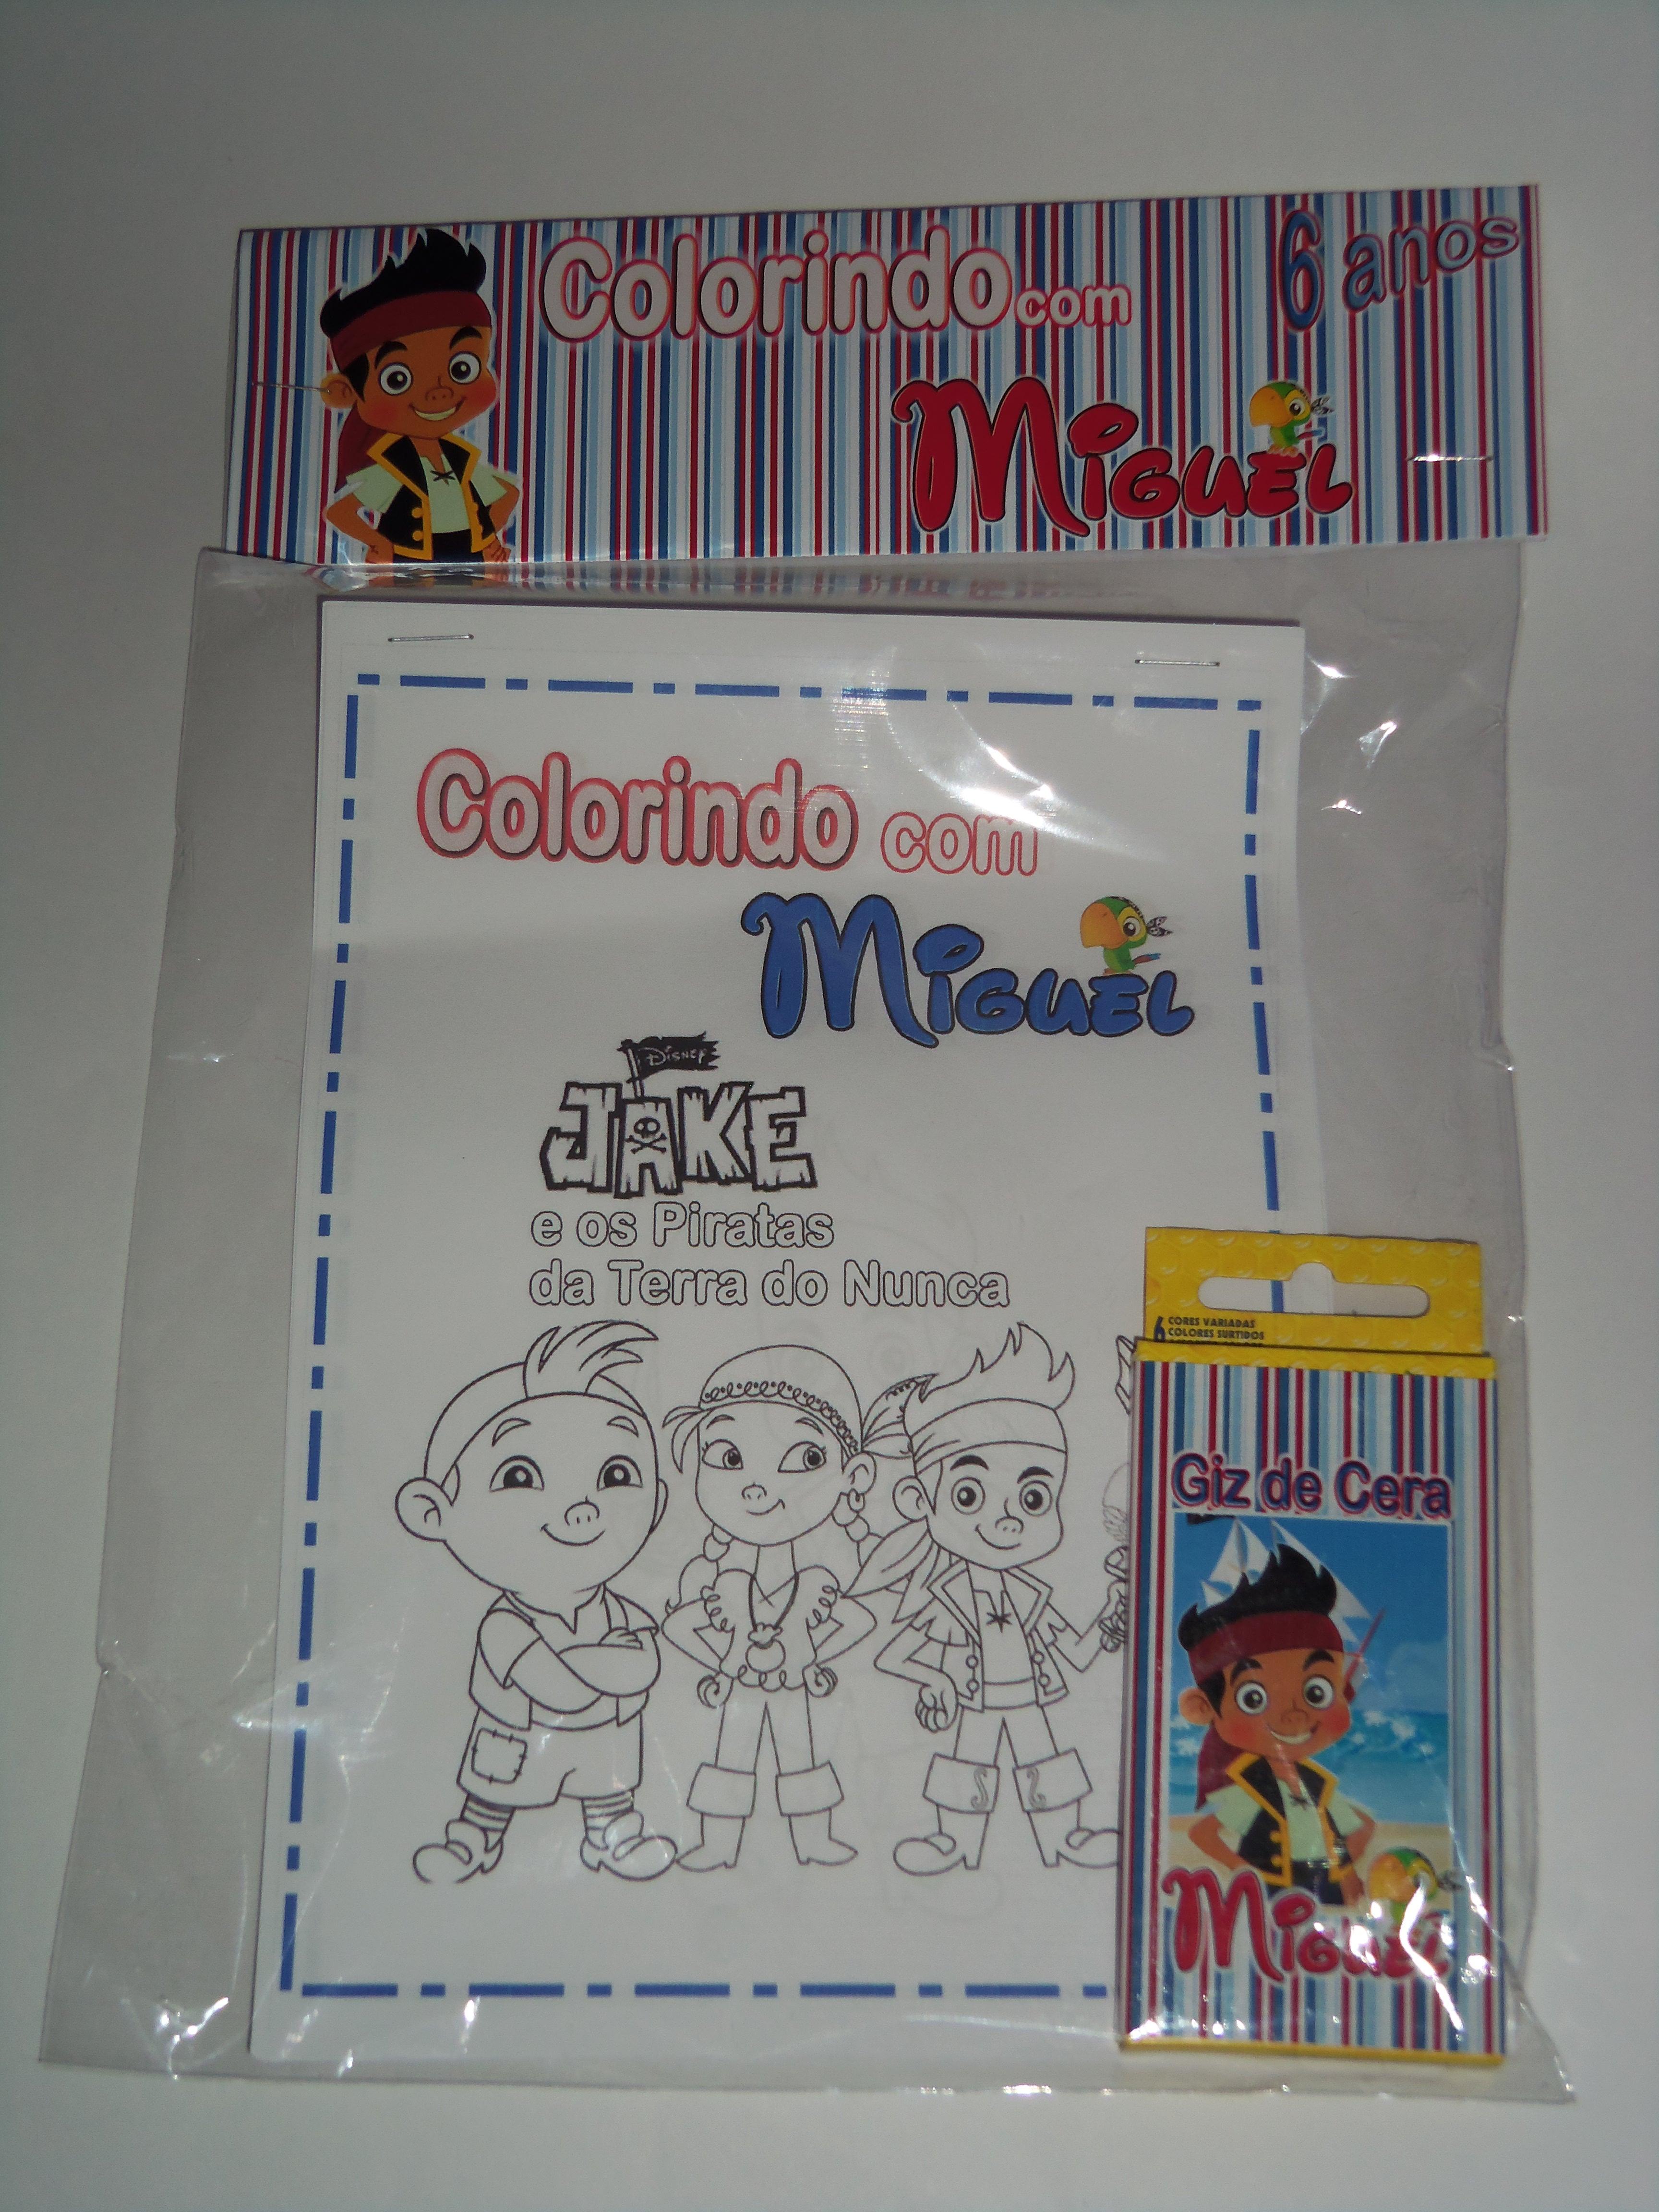 Kit De Colorir Jake E Os Piratas No Elo7 Artesanatos Doce